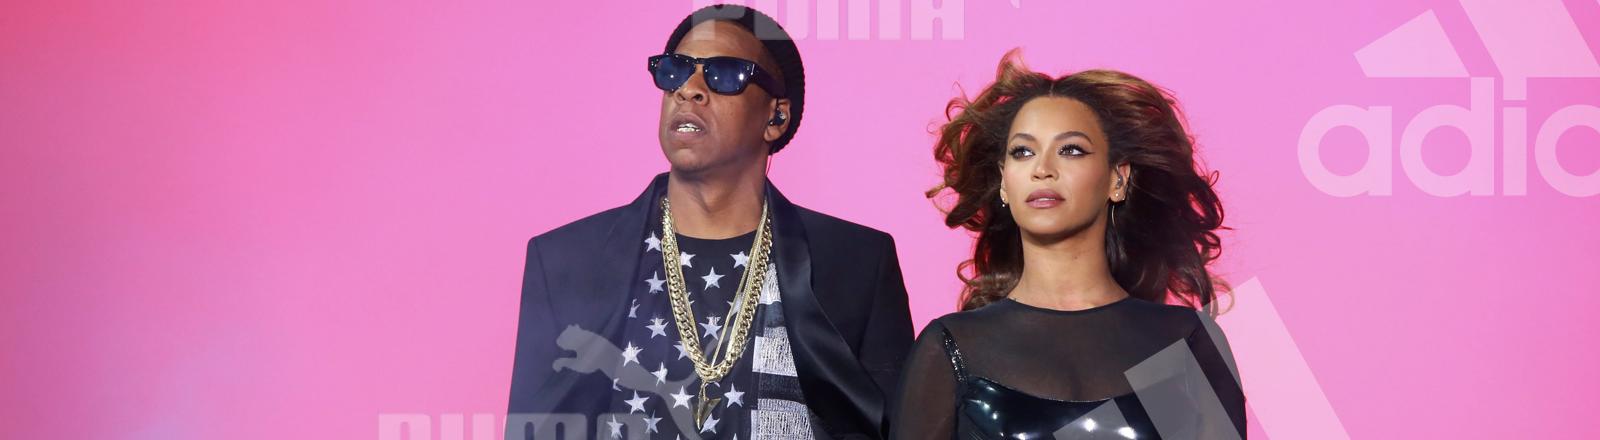 Links JAY-Z, rechts Beyoncé bei einem Auftritt in Paris 2014